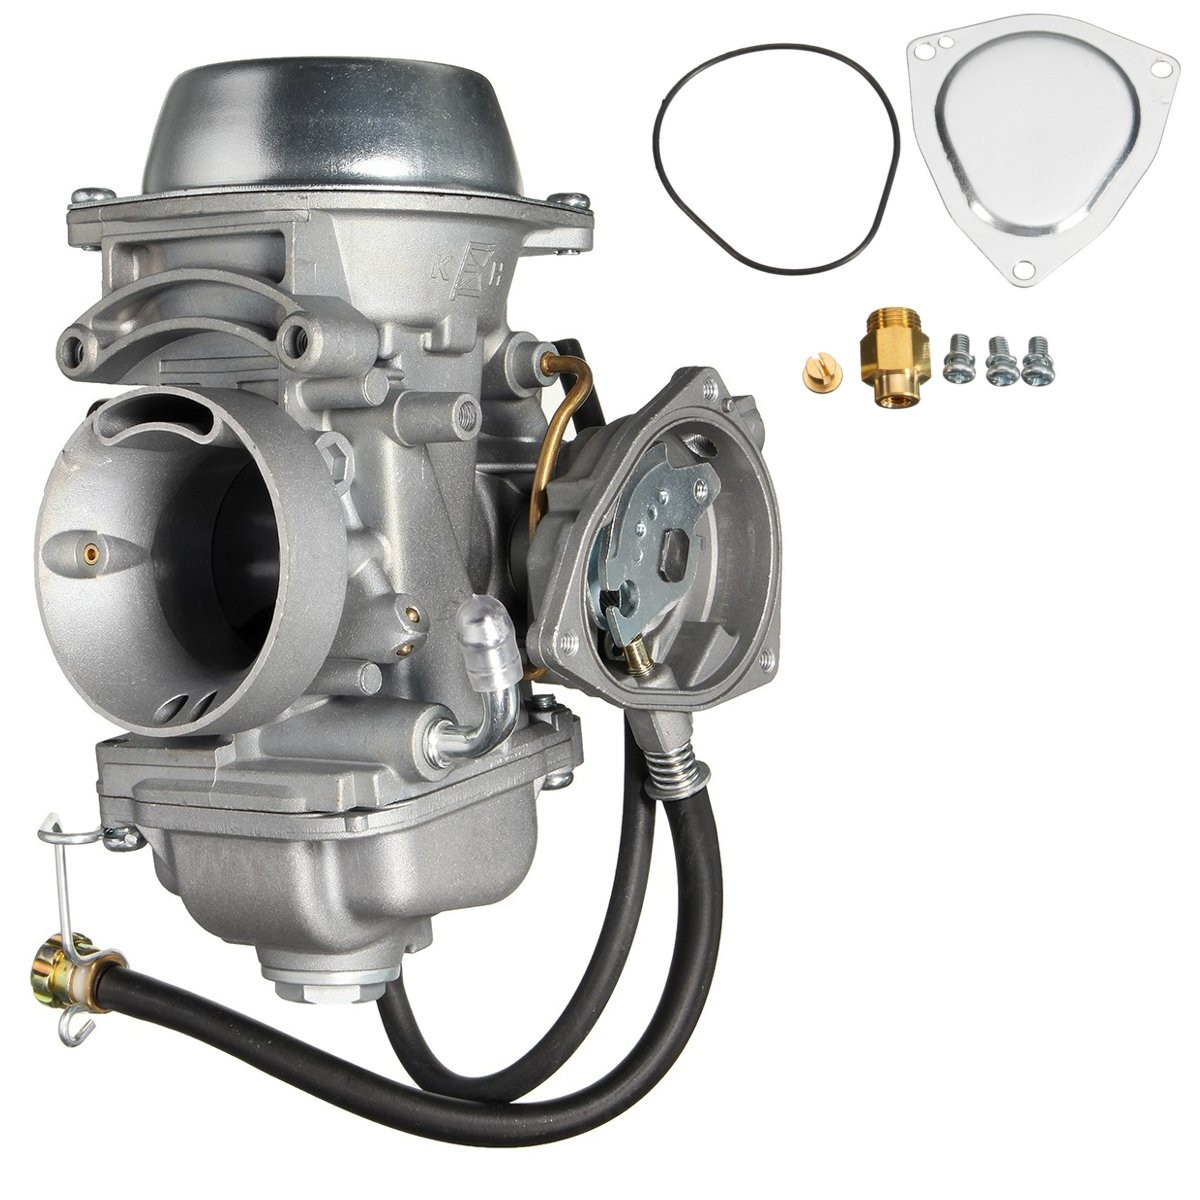 En aluminium Nouveau Carburateur Carb Kit Pour Polaris Sportsman ATV 500 4X4 HO RSE HO DUSE HO AR1368CA161RA Argent